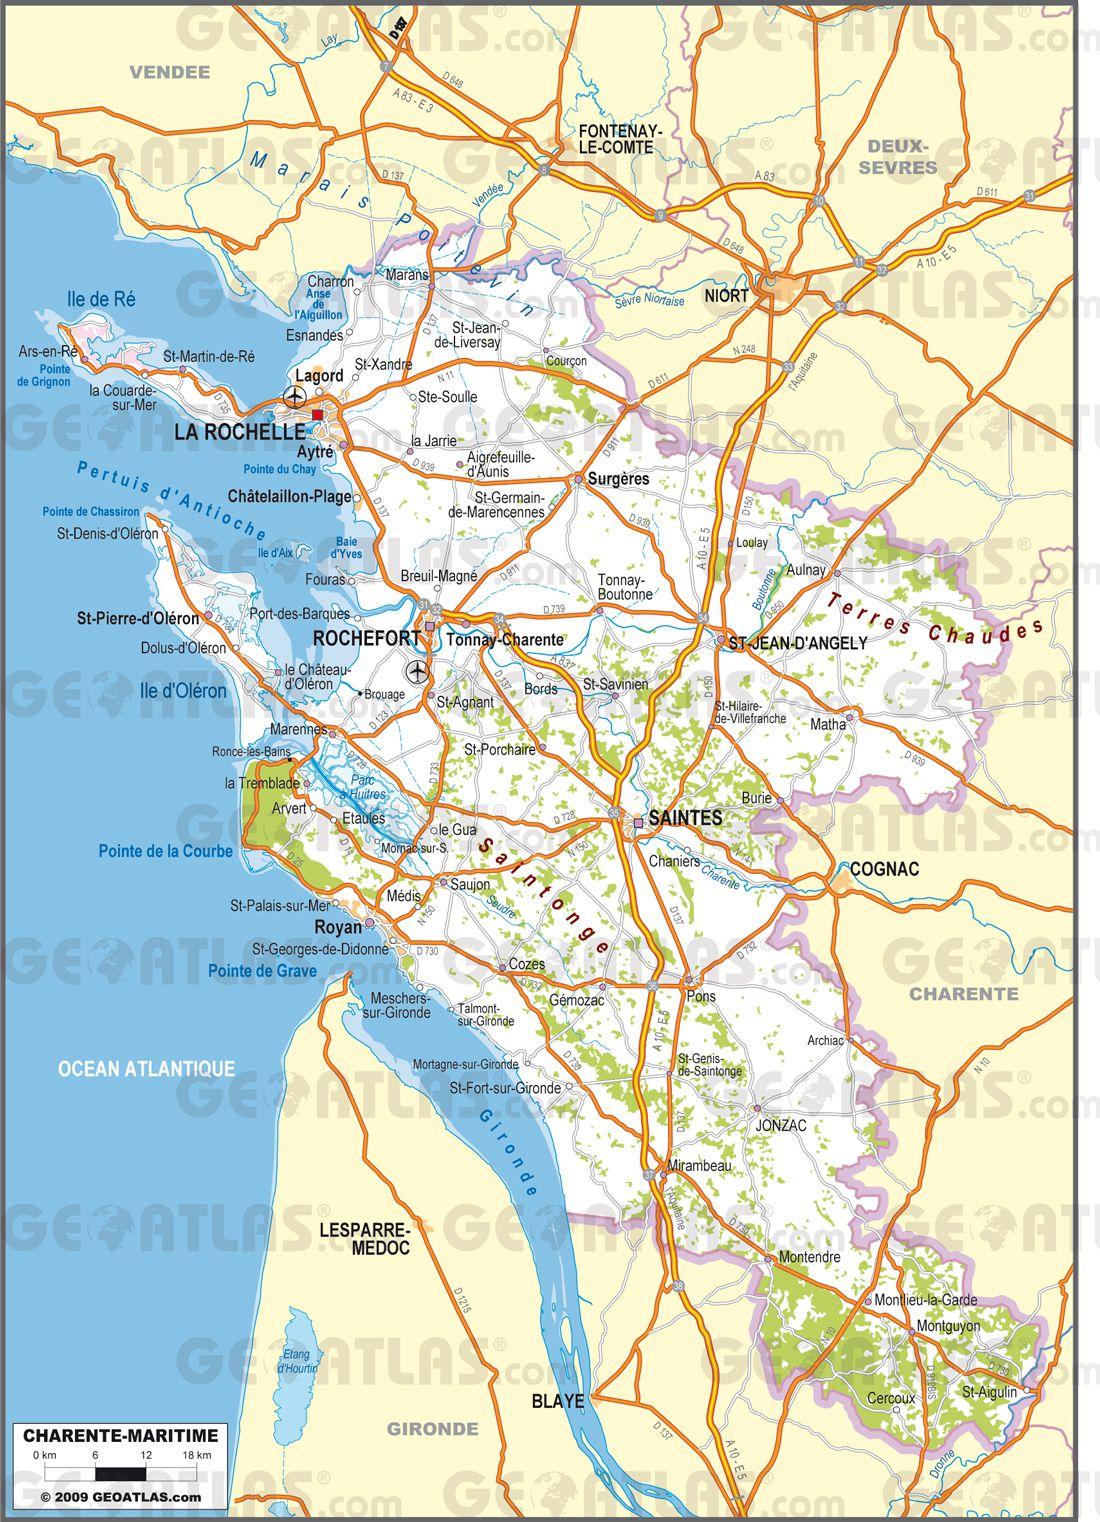 Carte routière de Charente-Maritime